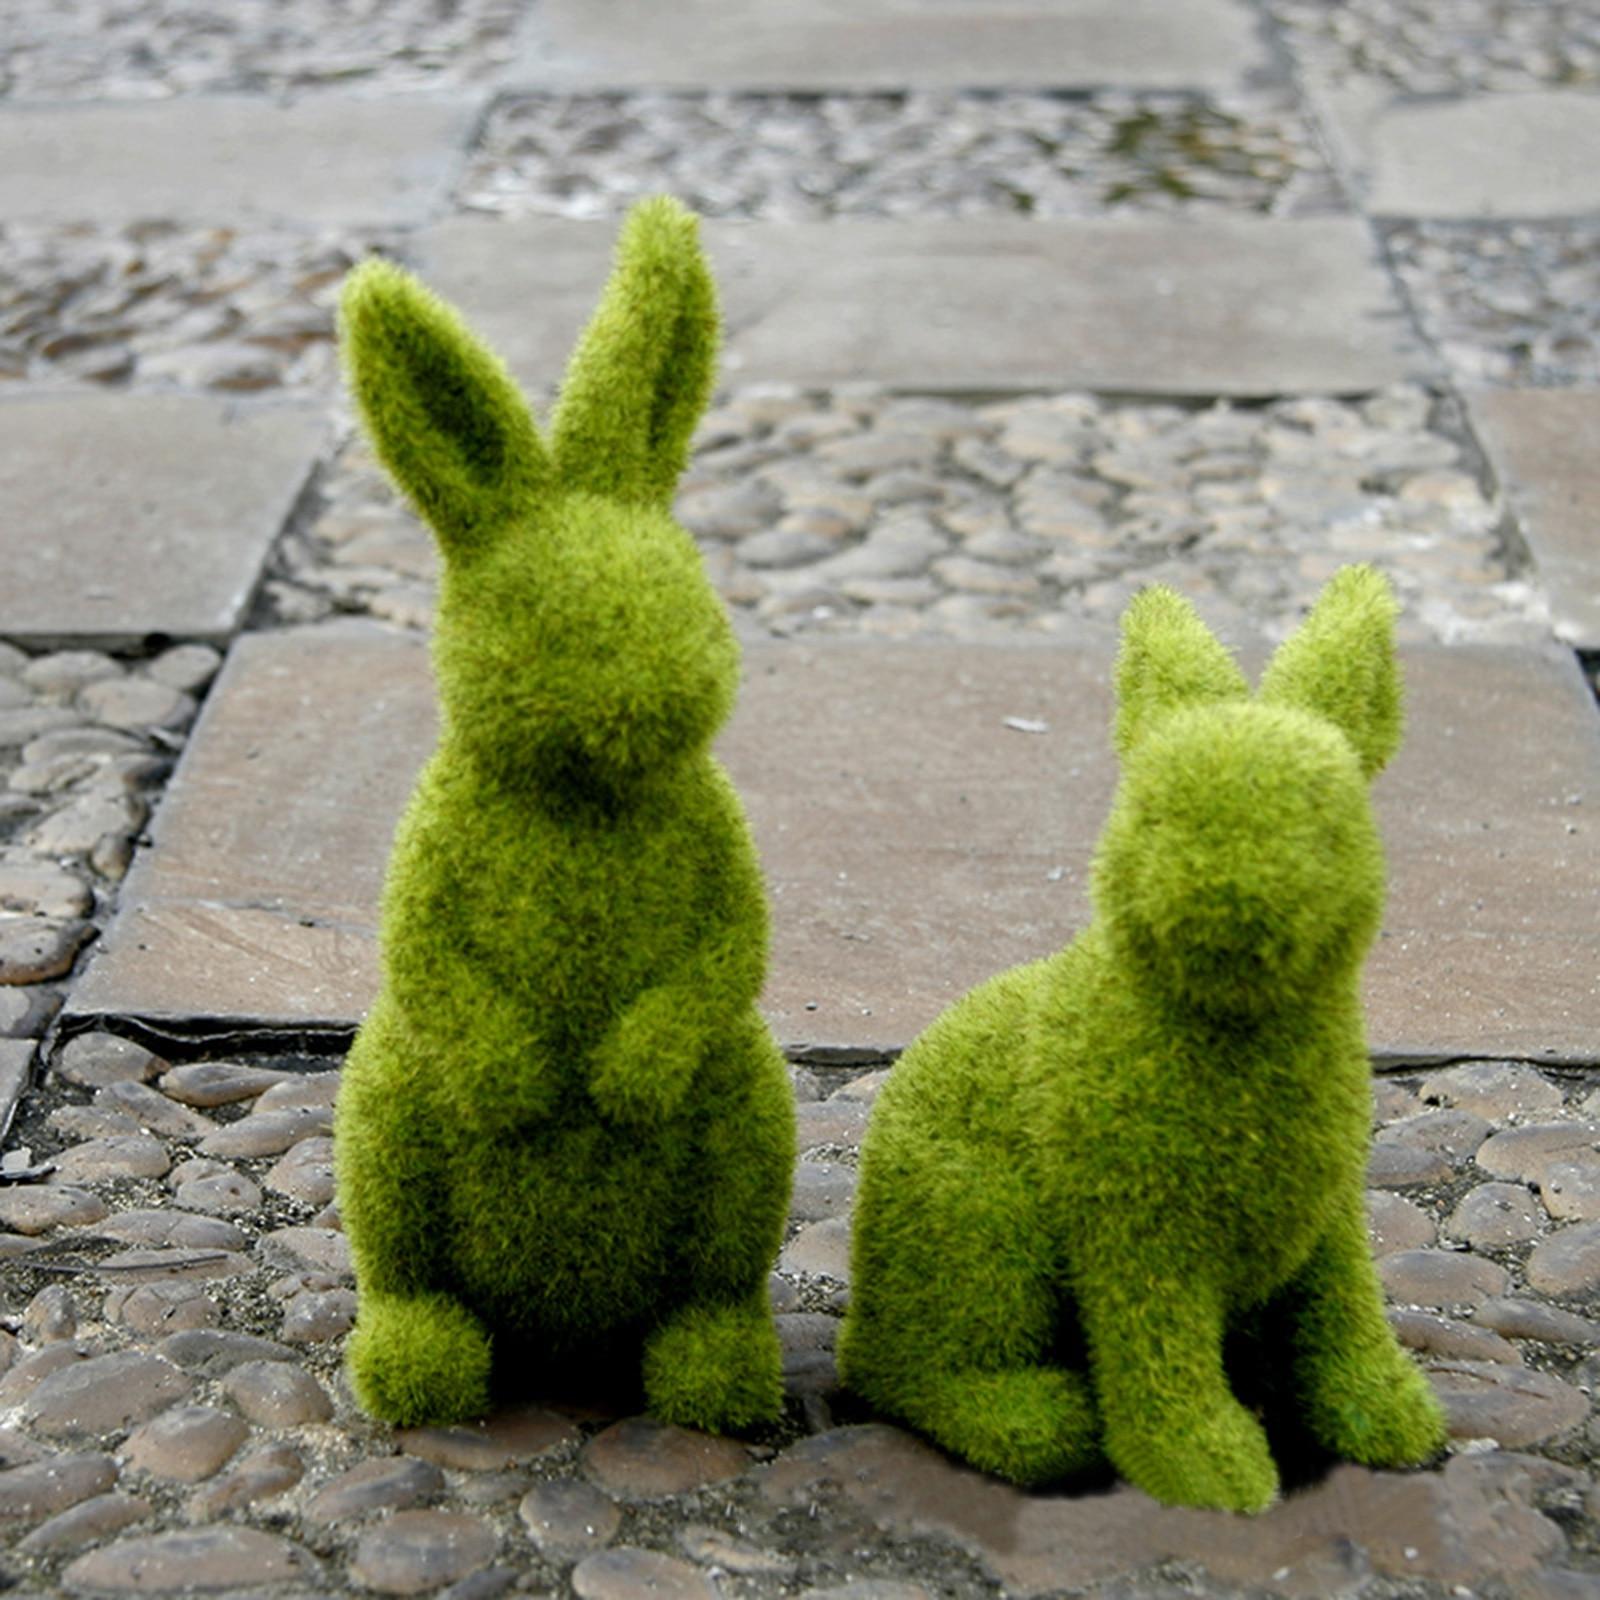 Пасхальный кролик Искусственный Кролик Кукла «животное» из смолы, кролик, кукла, домашняя модель для пасхальную тему с изображением кролик...